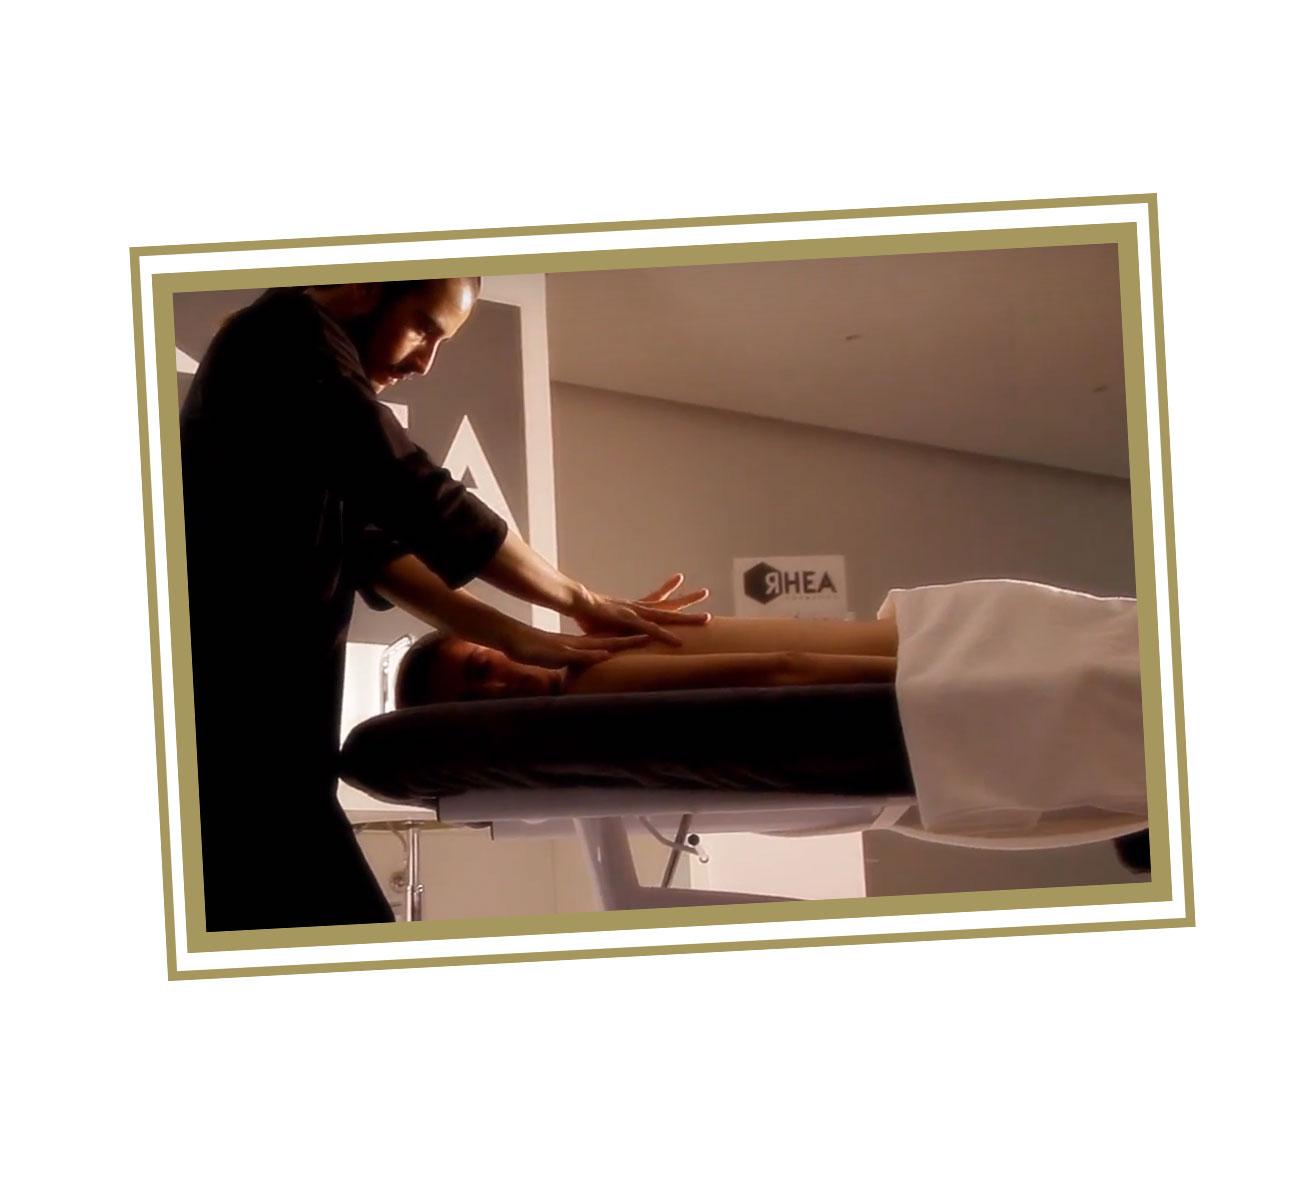 Rhea-trattamento-corpo-Bergamo